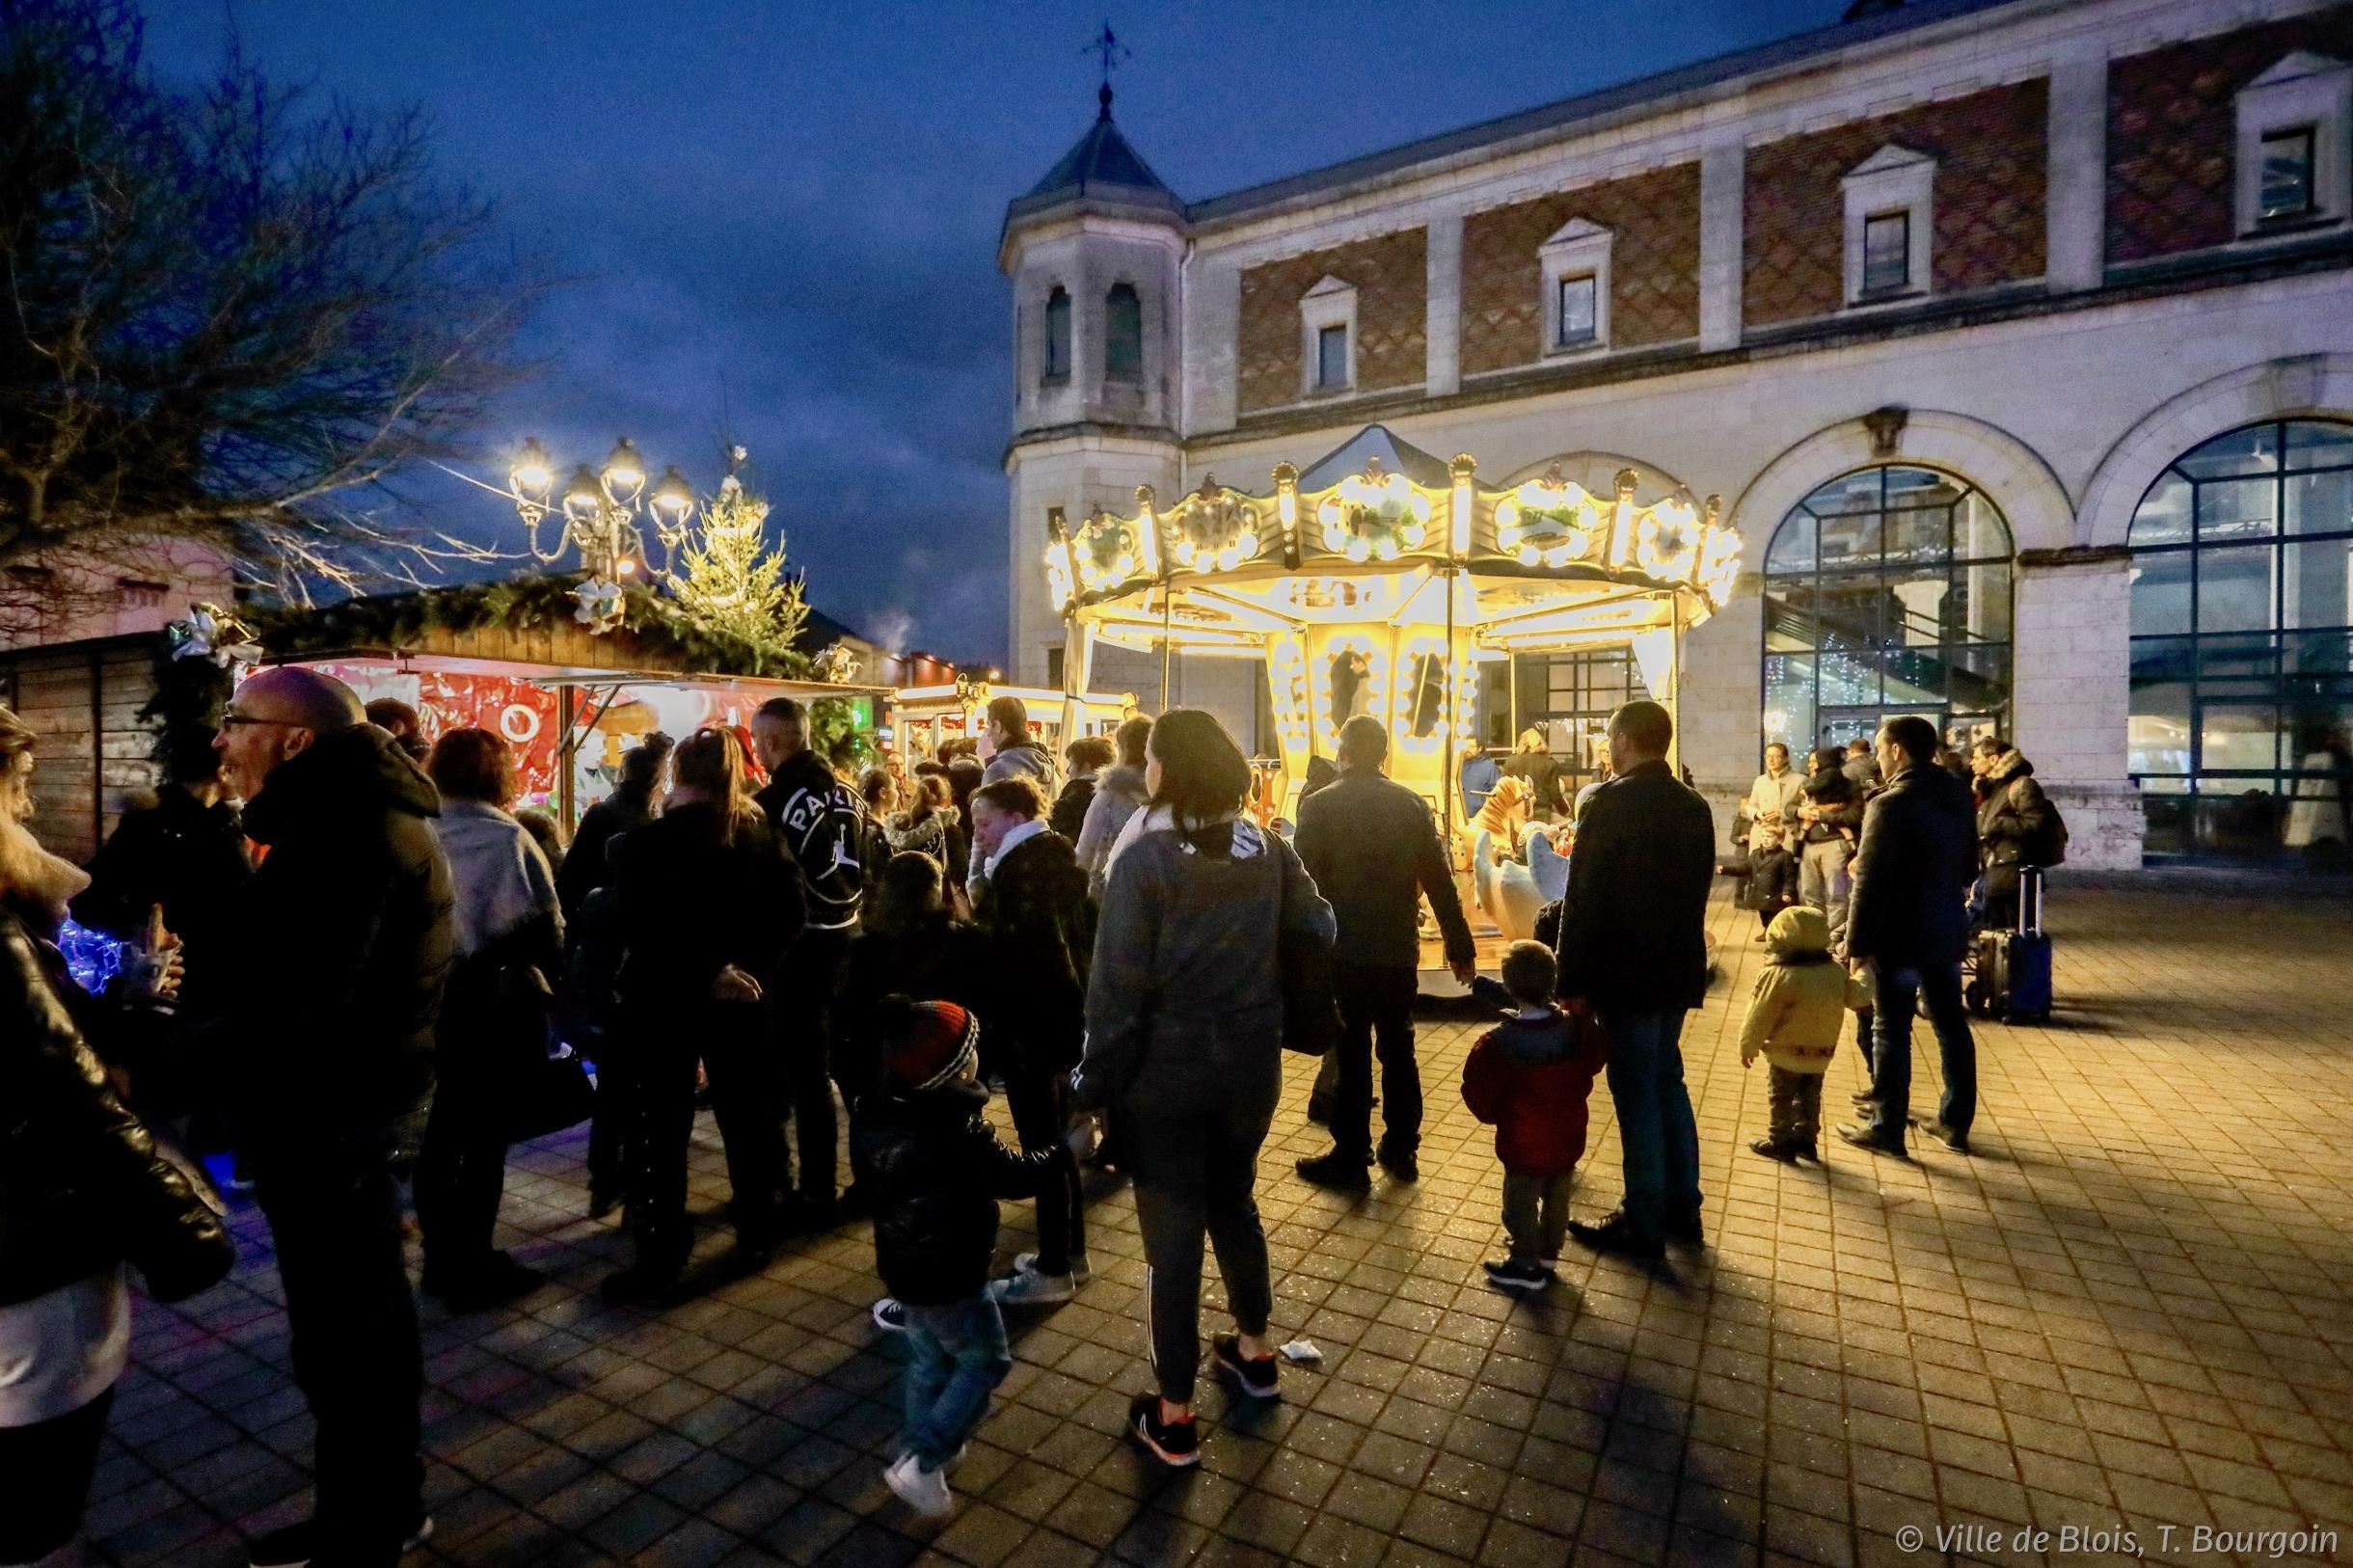 Des chalets et un manège sont installés sur la place de la République pour le marché de Noël du festival Des Lyres d'hiver.